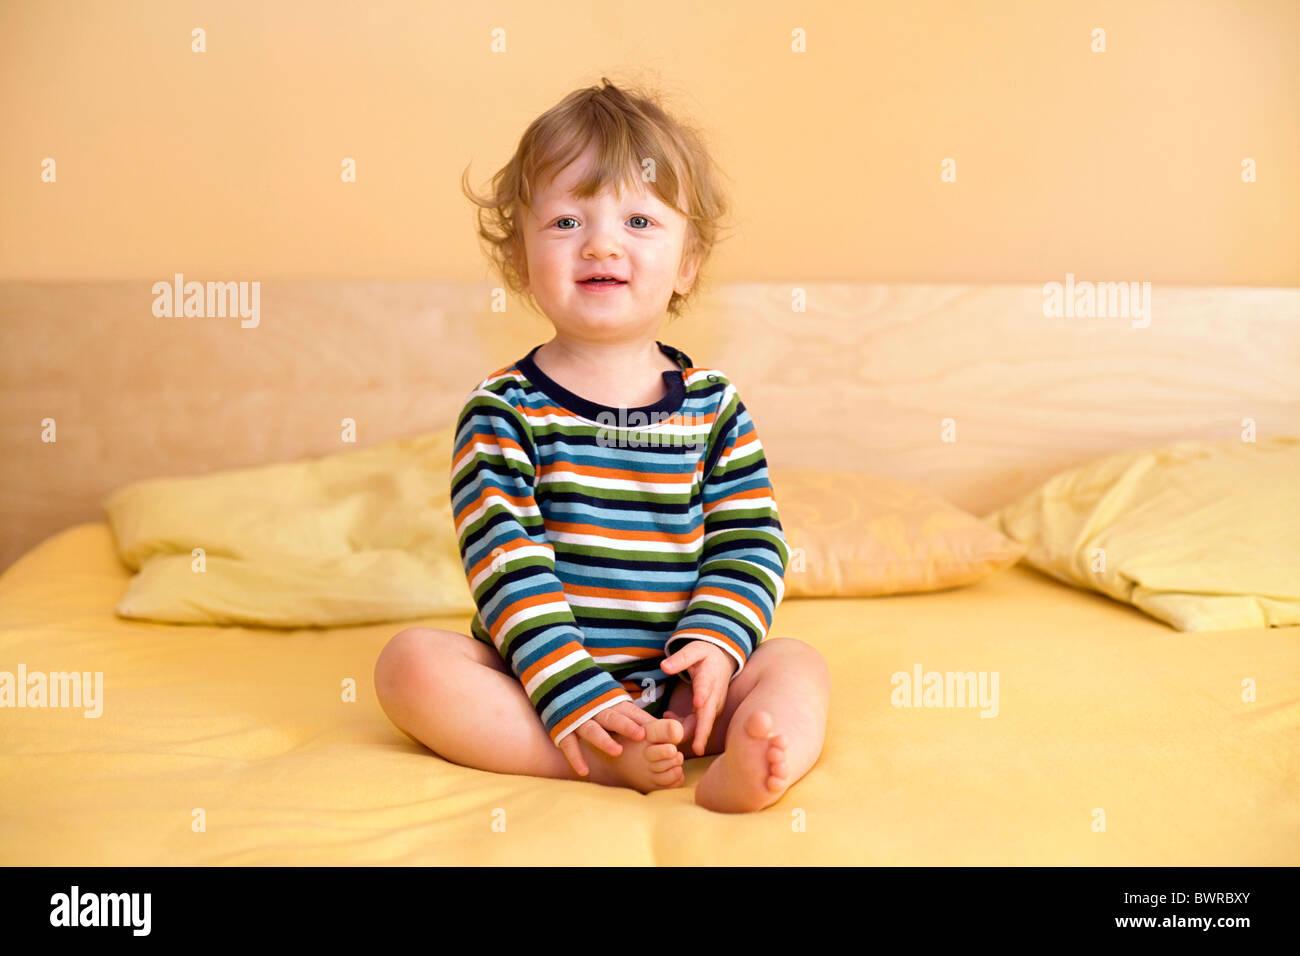 Letti Per Bambini Di 2 Anni.Da 1 A 2 Anni Da 1 A 2 Anni Di Eta 17 Mesi Da Soli I Bambini Lettino